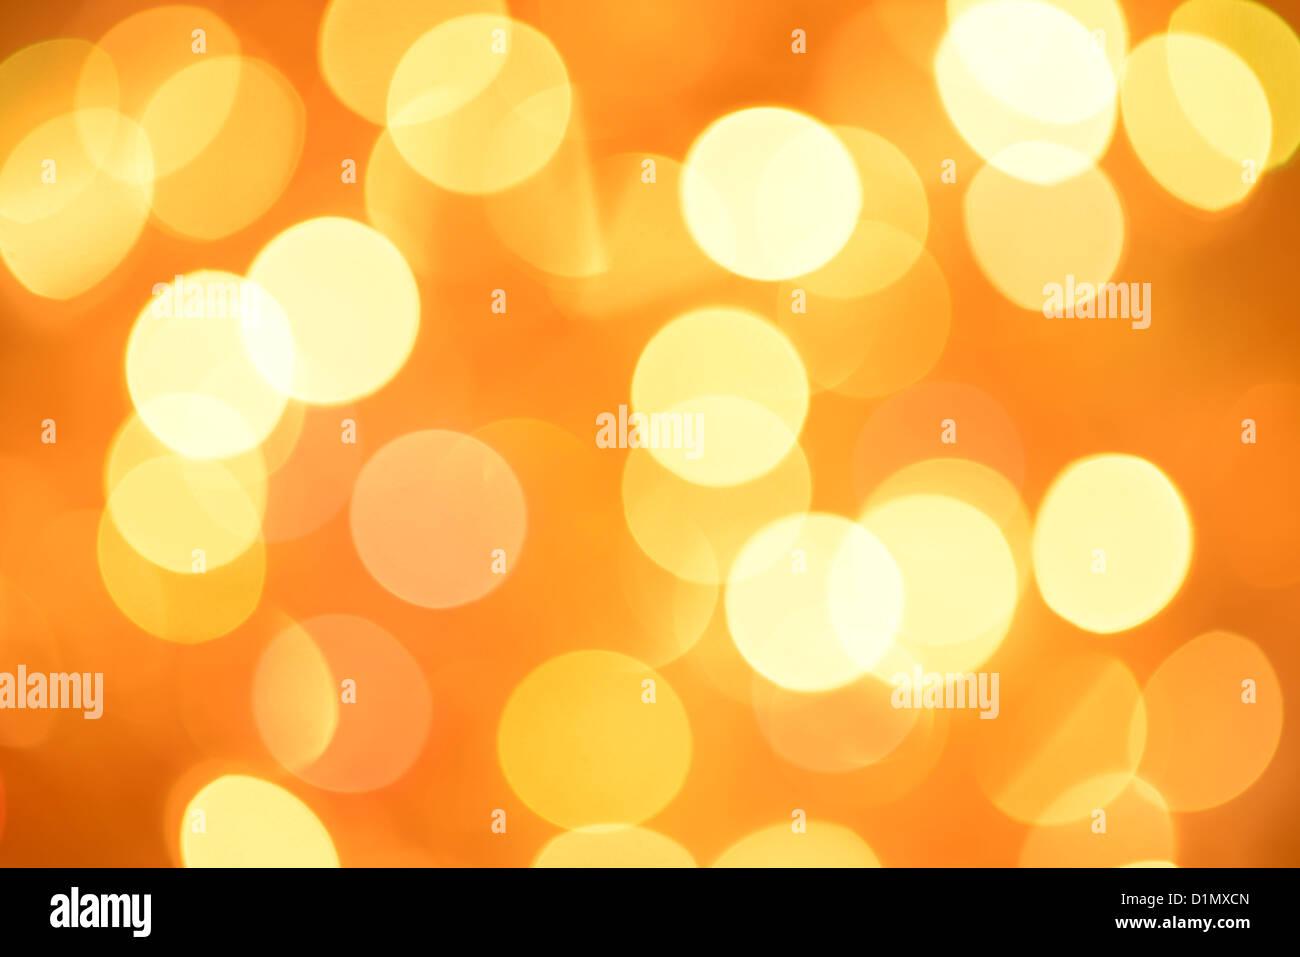 Abstract luci colorate la configurazione di sfondo Immagini Stock